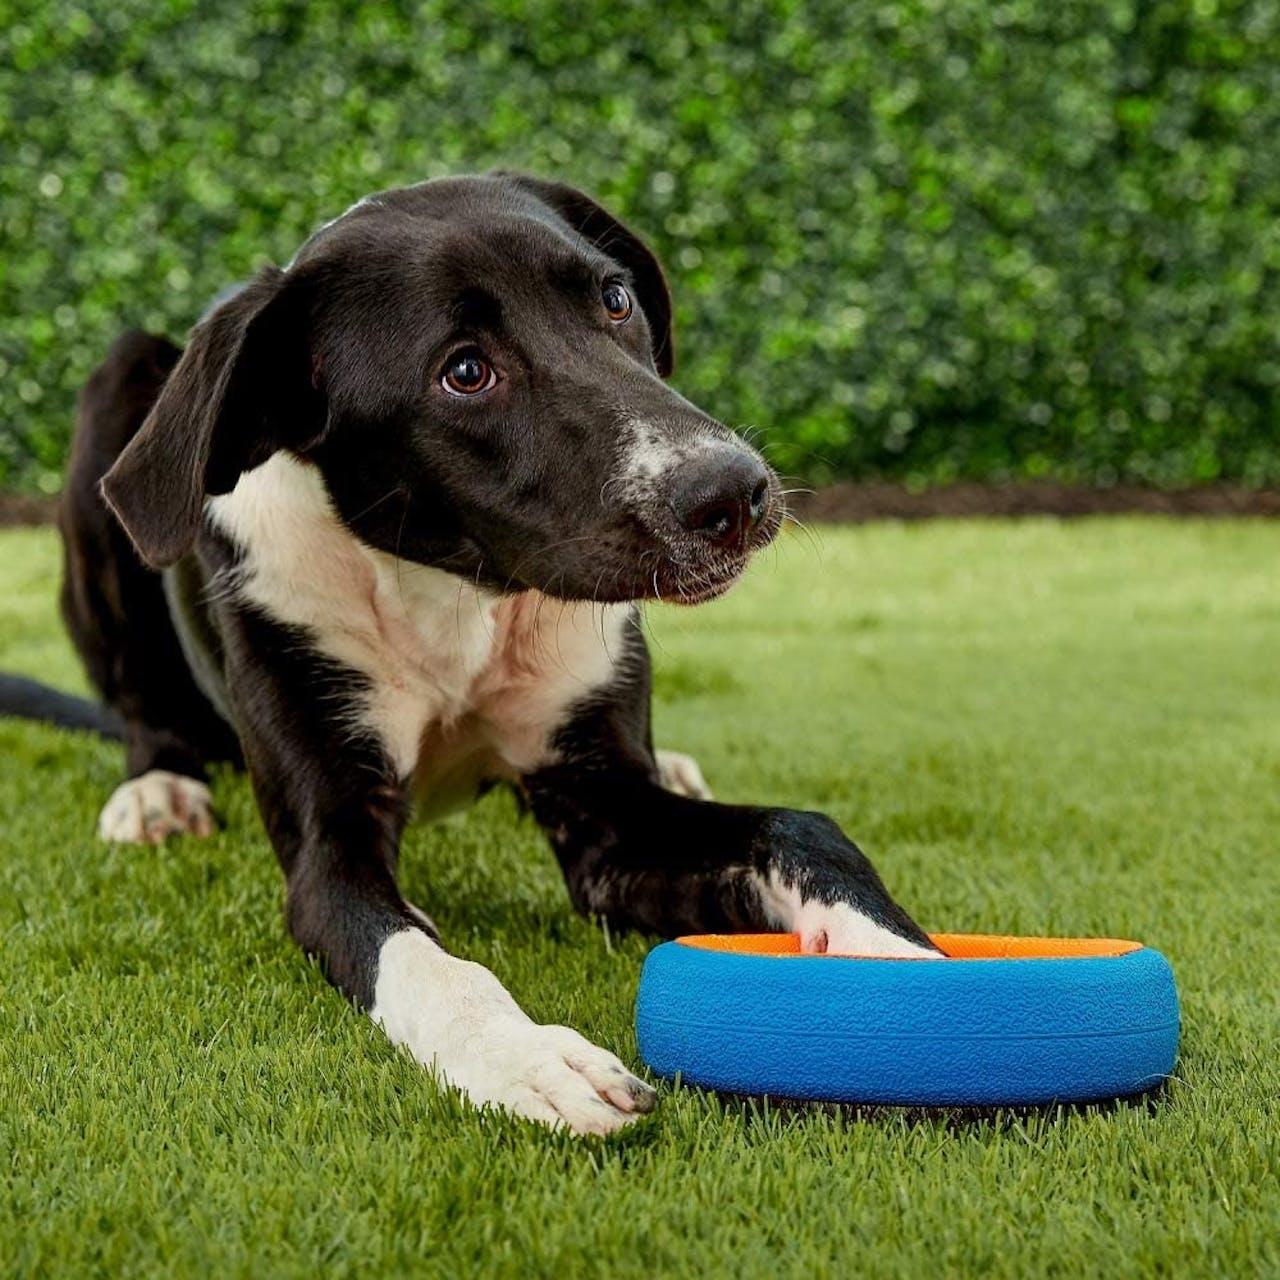 Chuckit! Dog Toy - Fetch Wheel